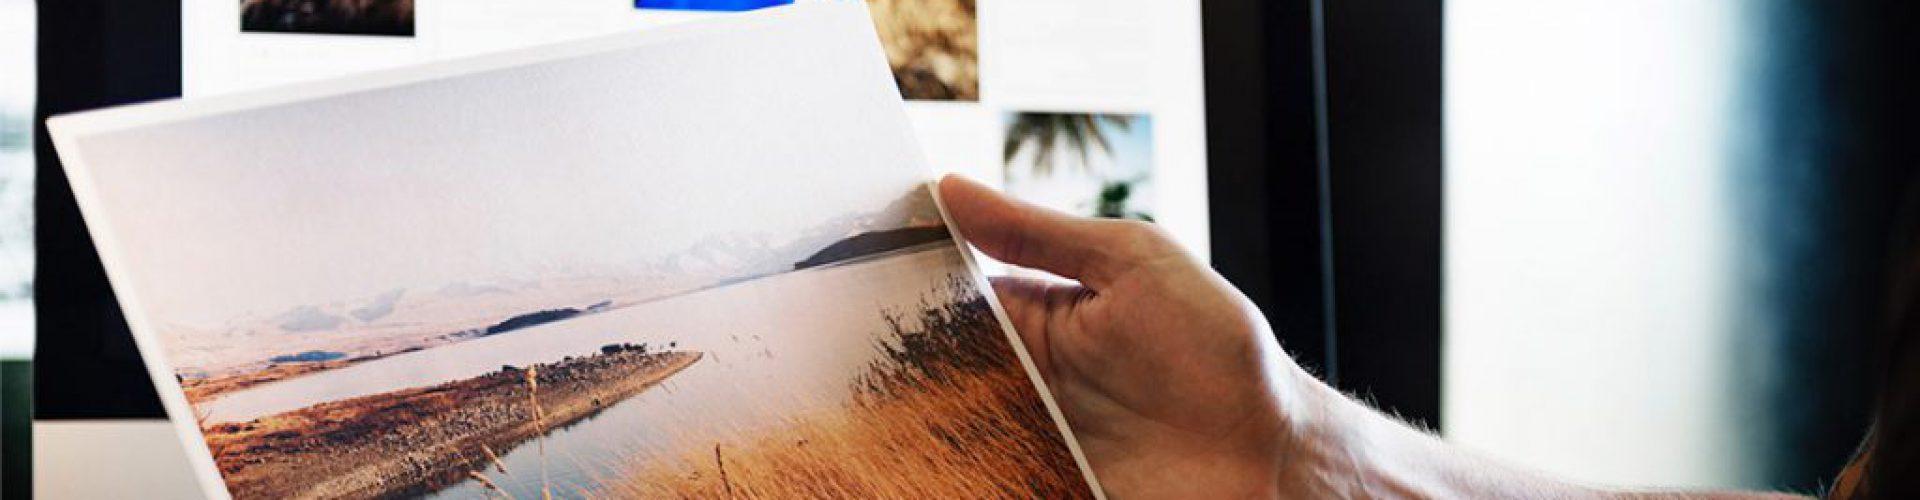 graphic-artist